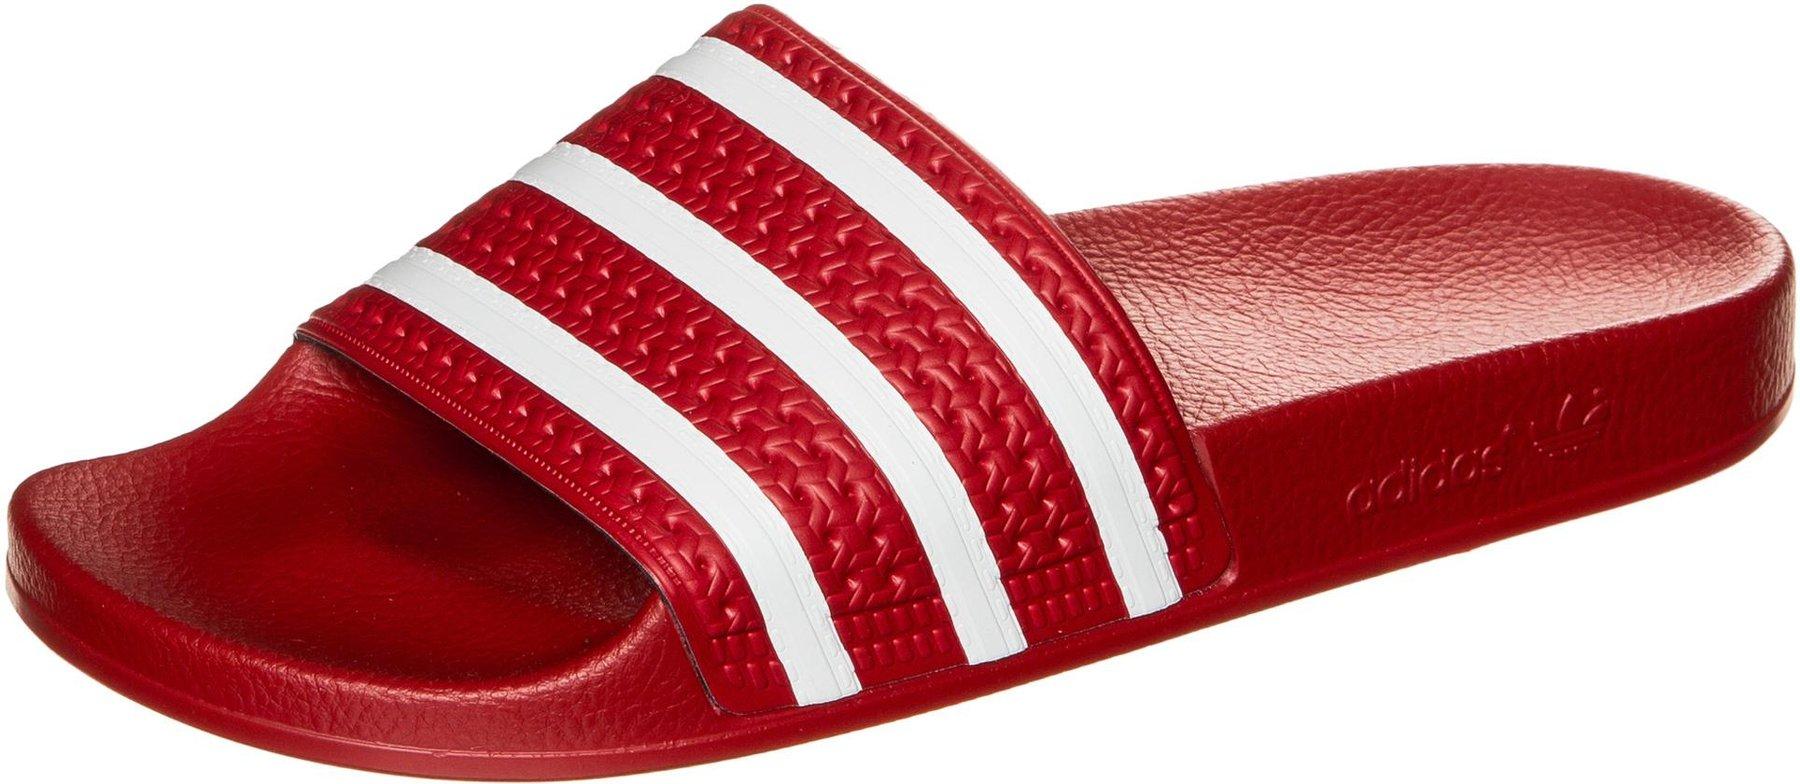 Adidas Adilette (rot/weiß)